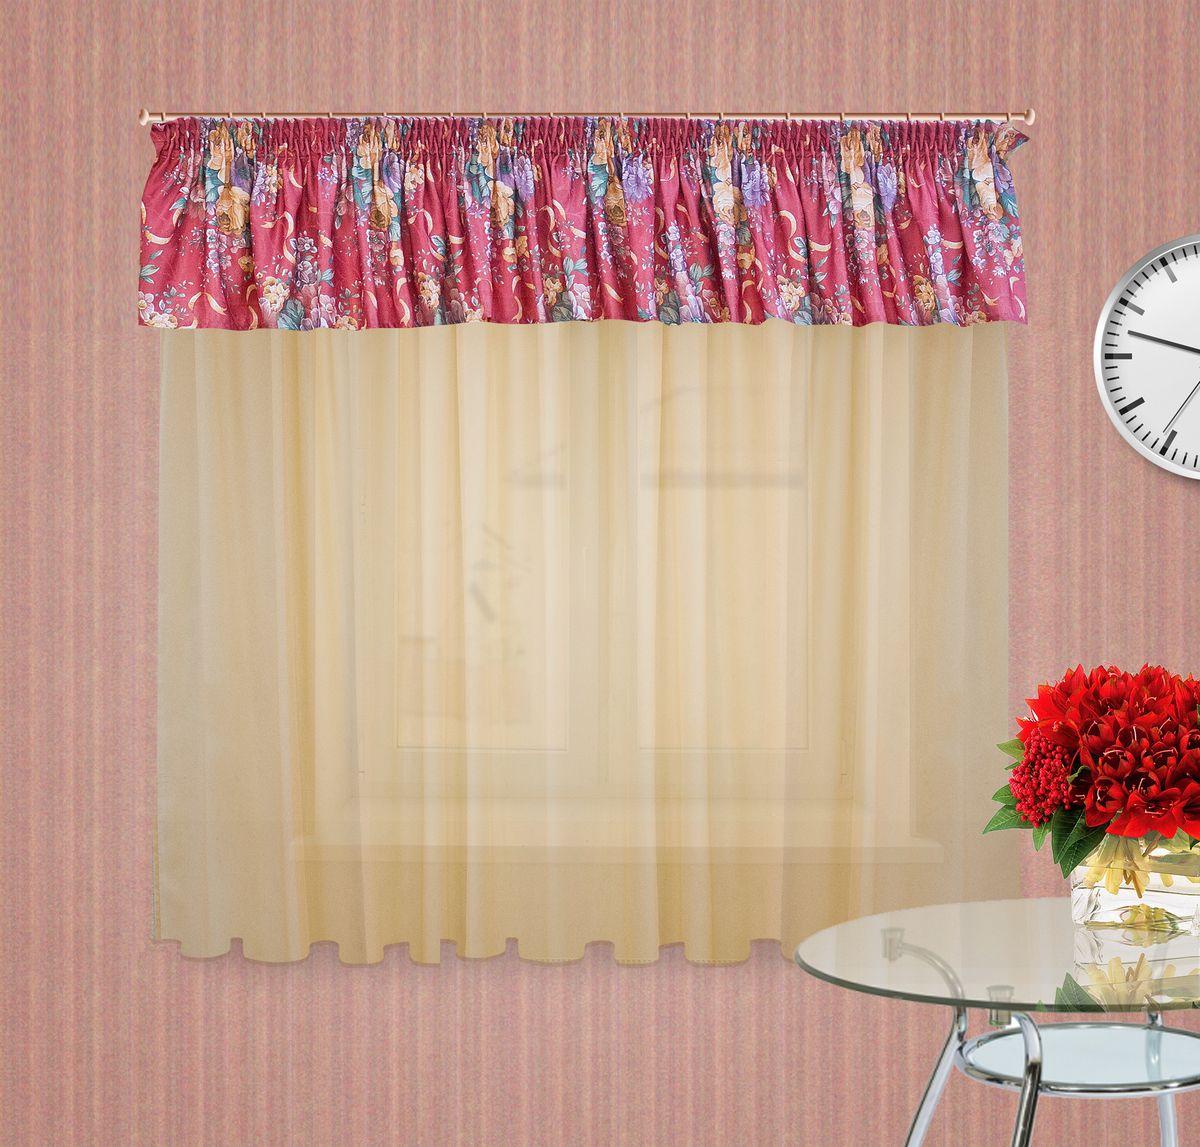 Тюлевое полотно Zlata Korunka. 5555310281Комплект штор на шторной ленте , Ламбрекен : 400*50см 1шт, ткань печатный сатен с орнаментом крупного цветка, Тюлевое полотно из вуали цвет: светлый беж размером: 300*180